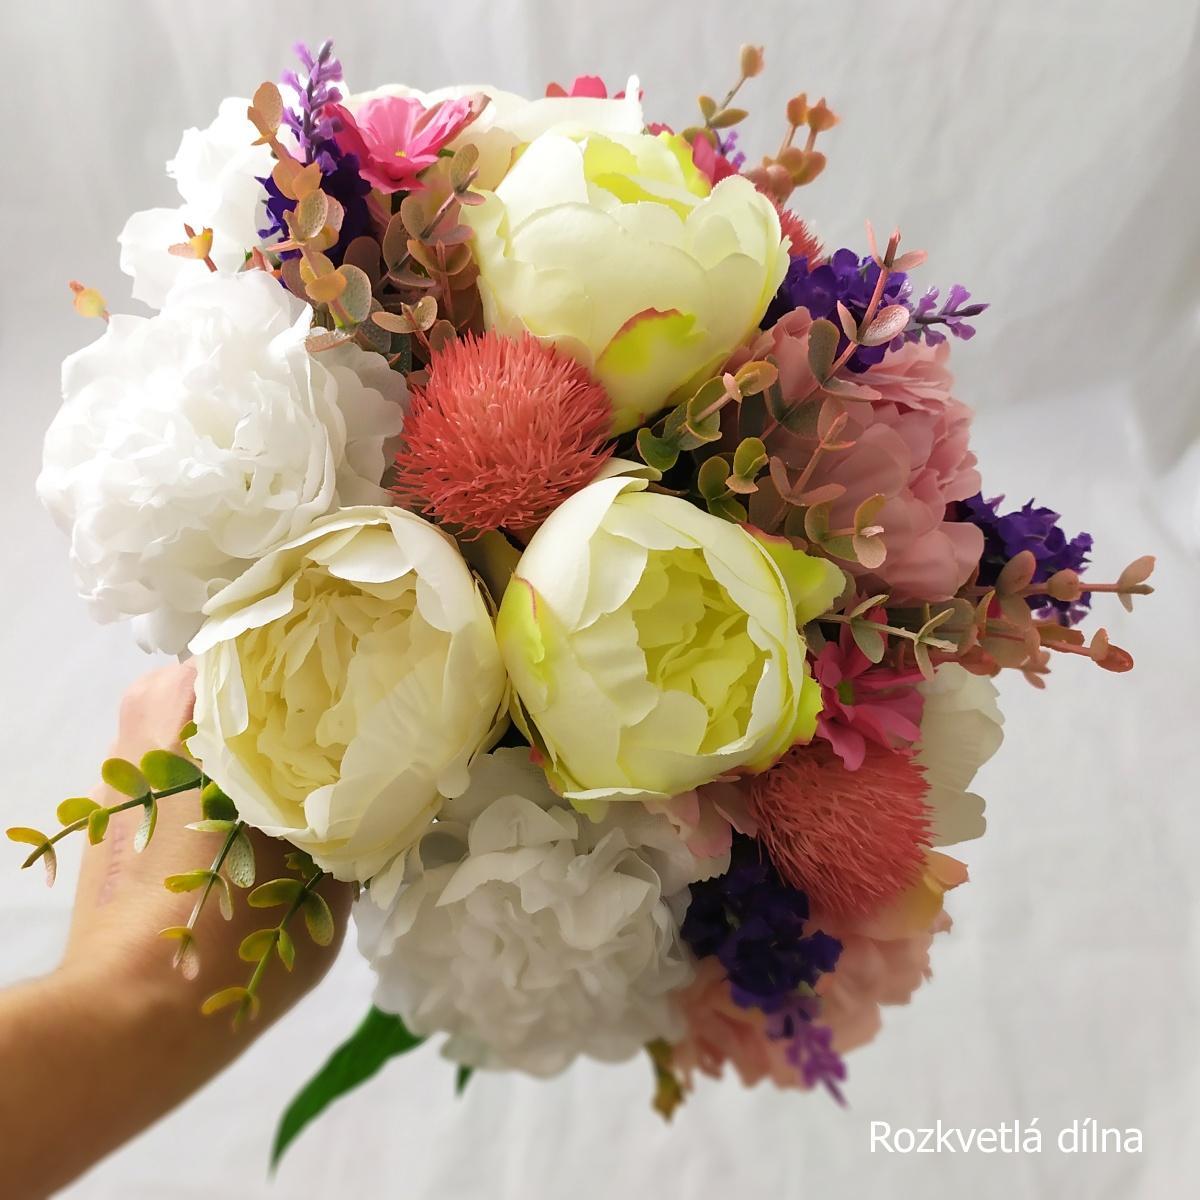 Umělá kytice z pivoněk a pryskyřníků  - Obrázek č. 4